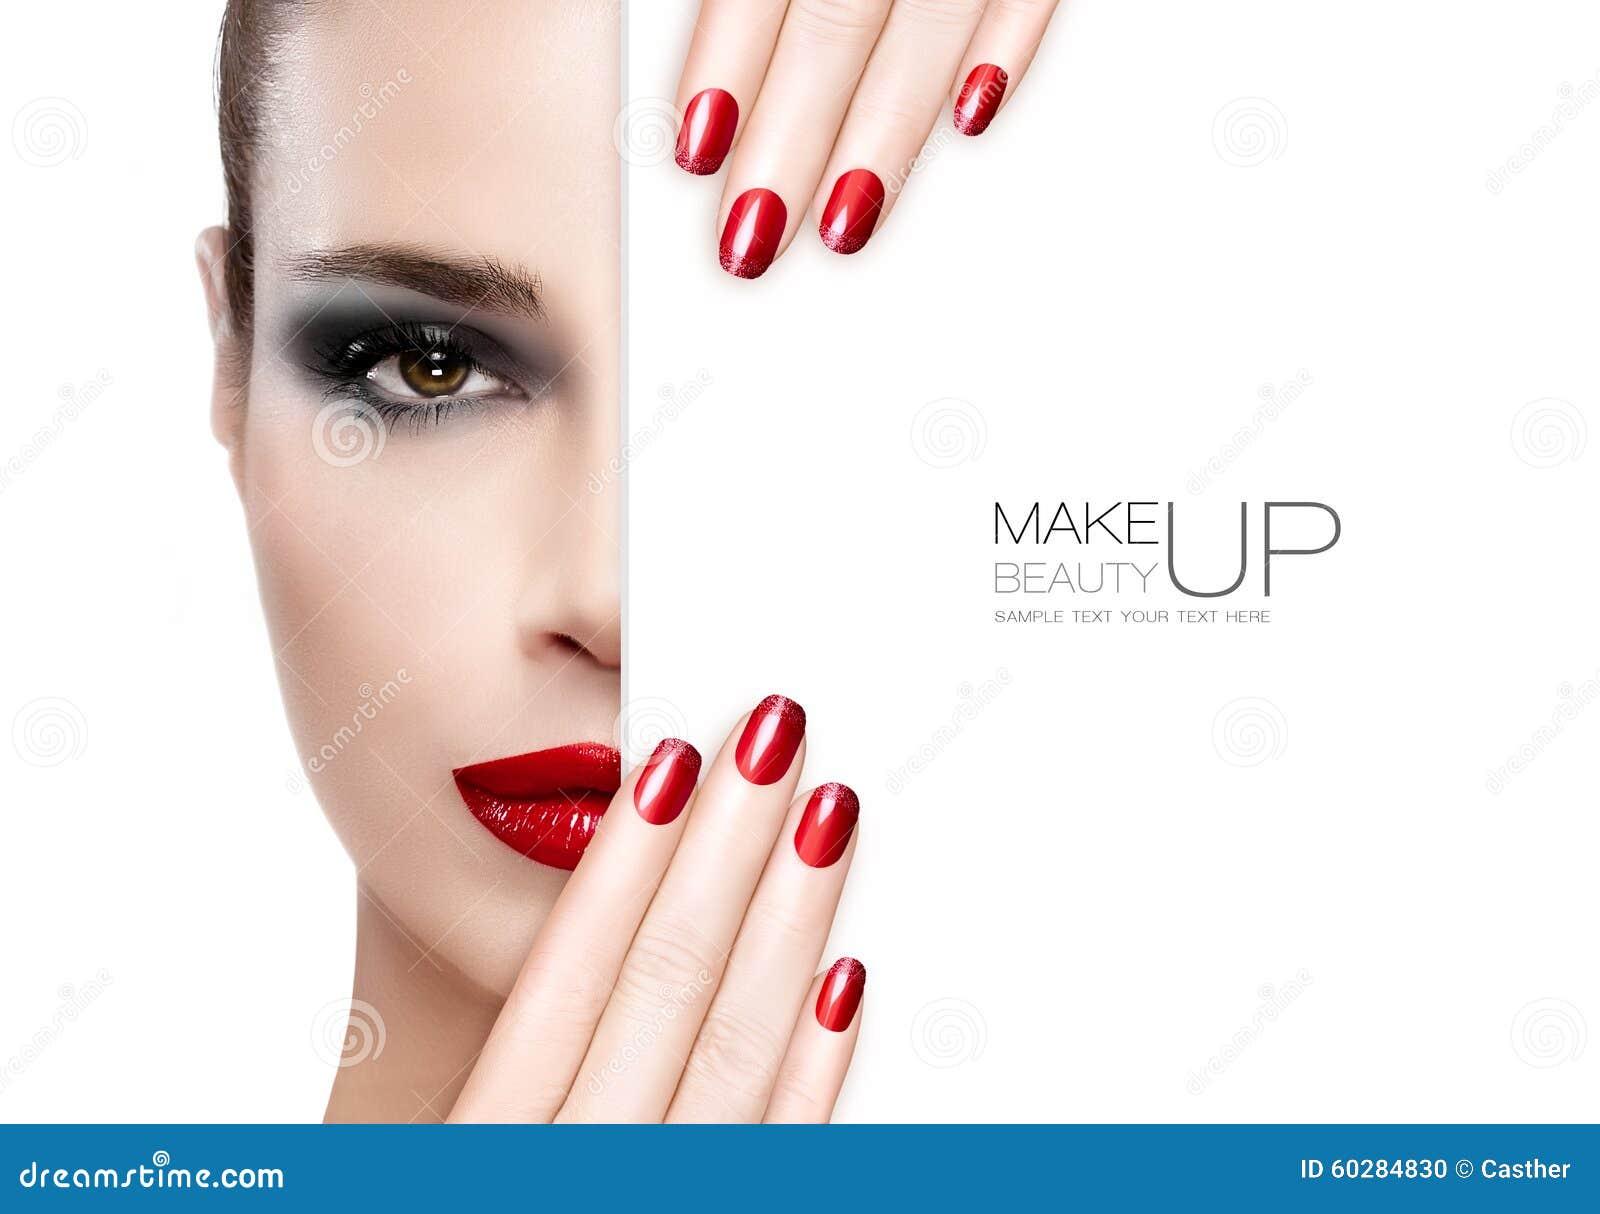 Ομορφιά Makeup και έννοια τέχνης καρφιών